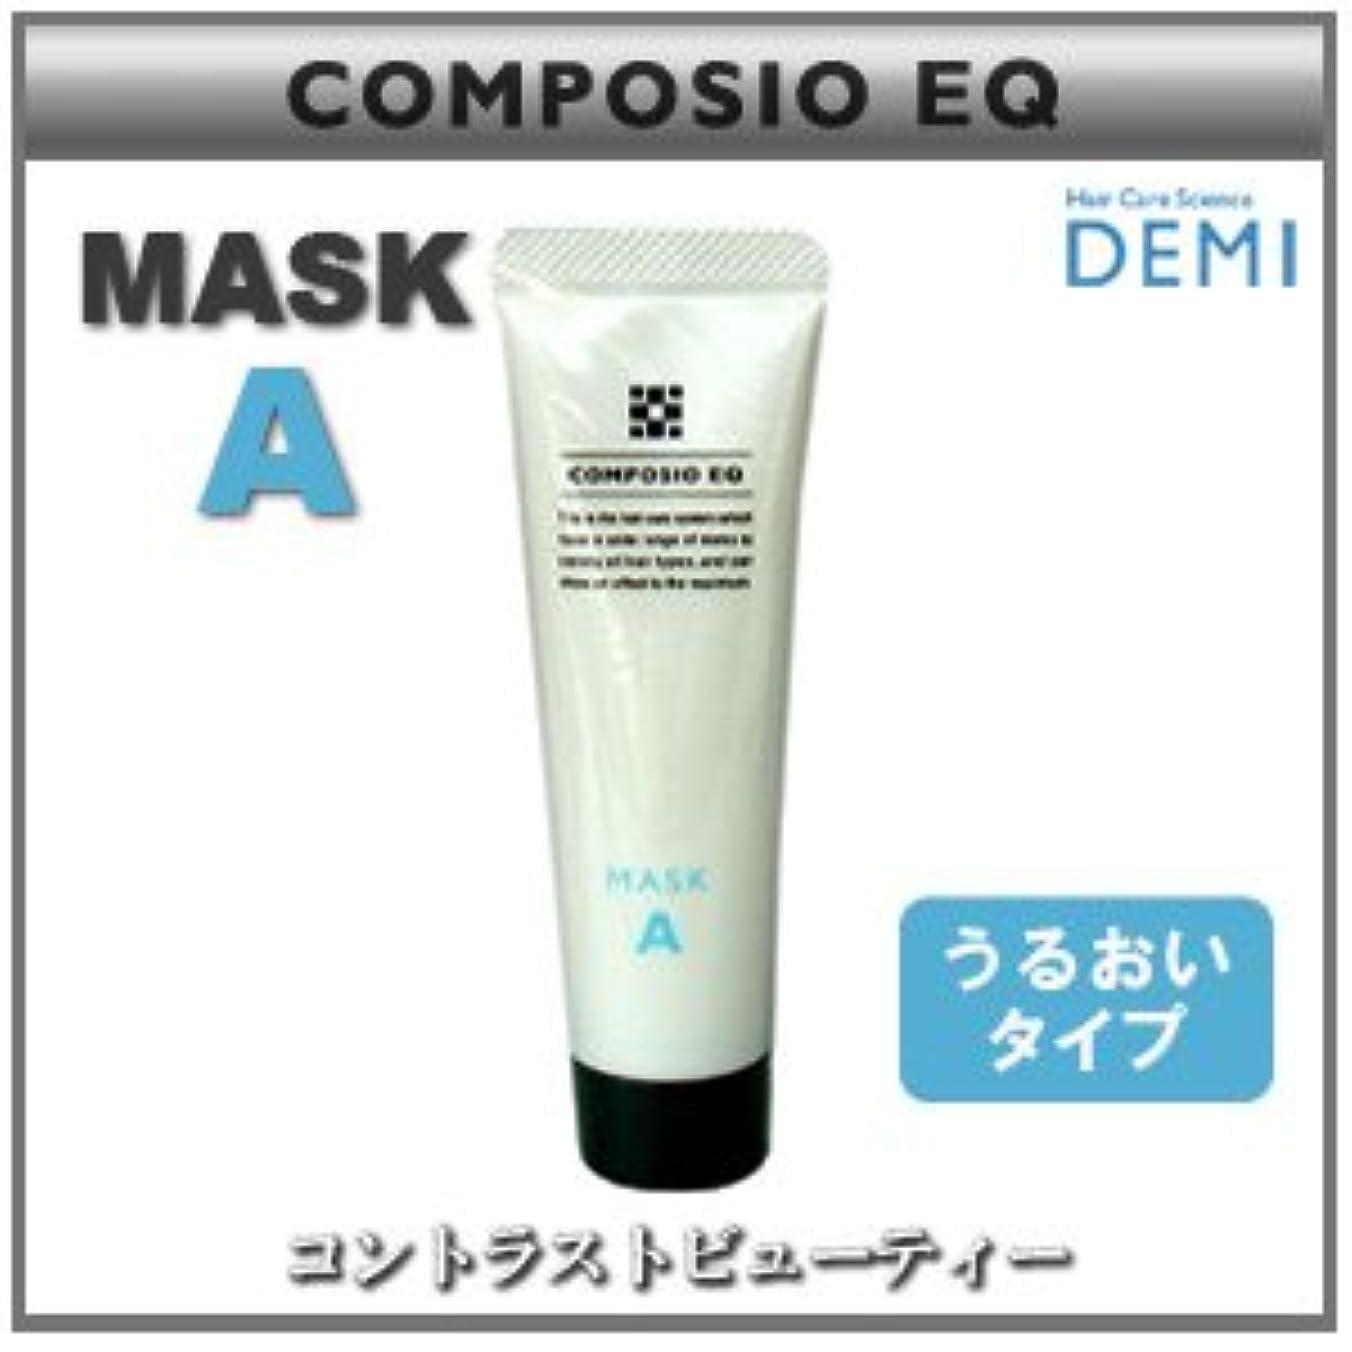 考慮退屈させる青写真【X2個セット】 デミ コンポジオ EQ マスク A 50g